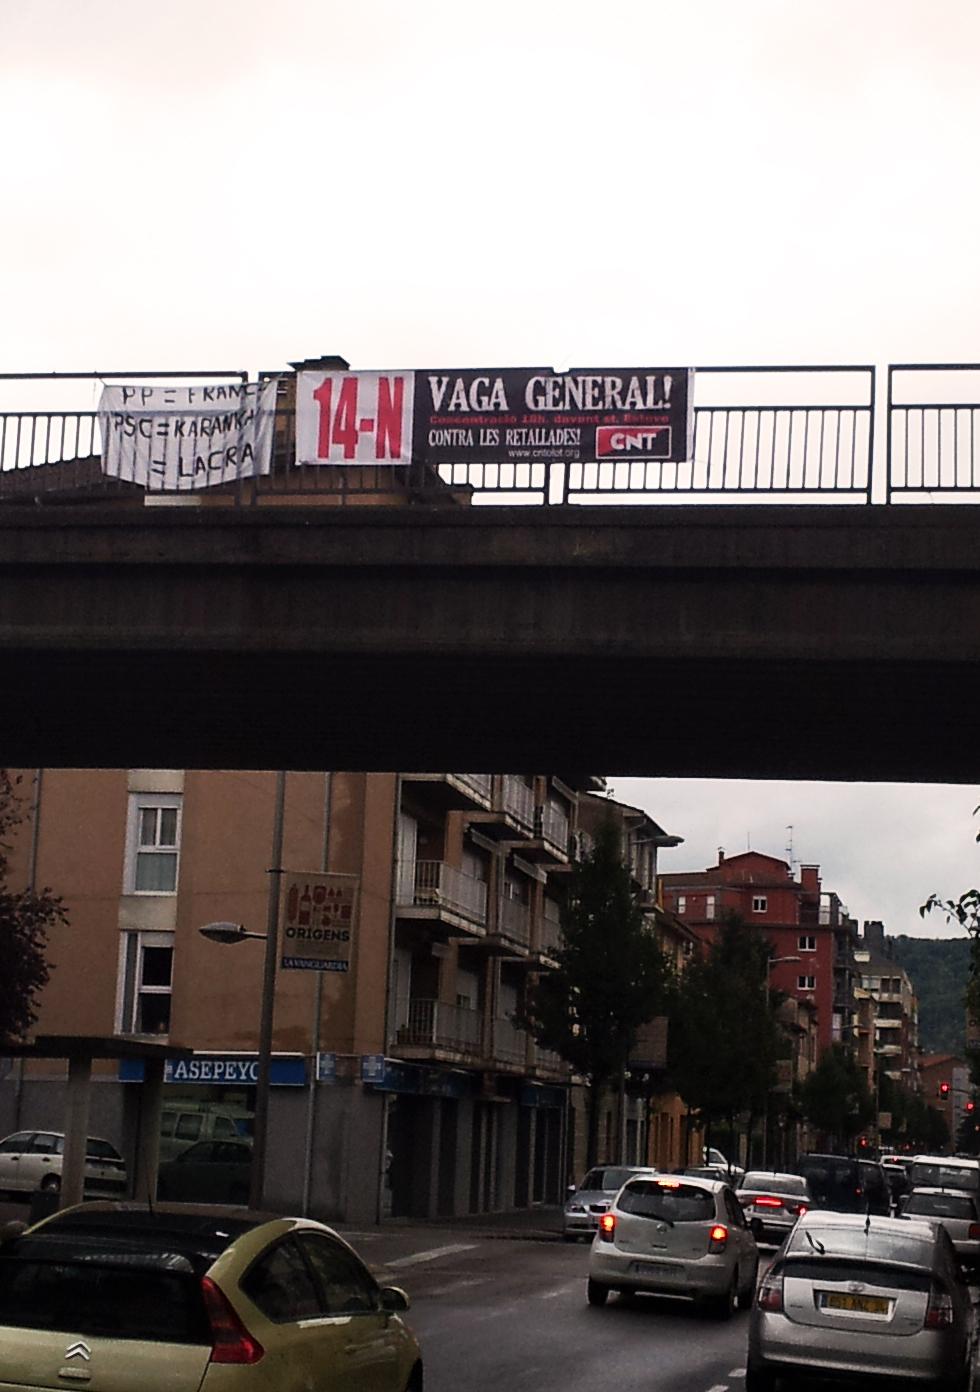 Comença la campanya de propaganda per la Vaga del 14N